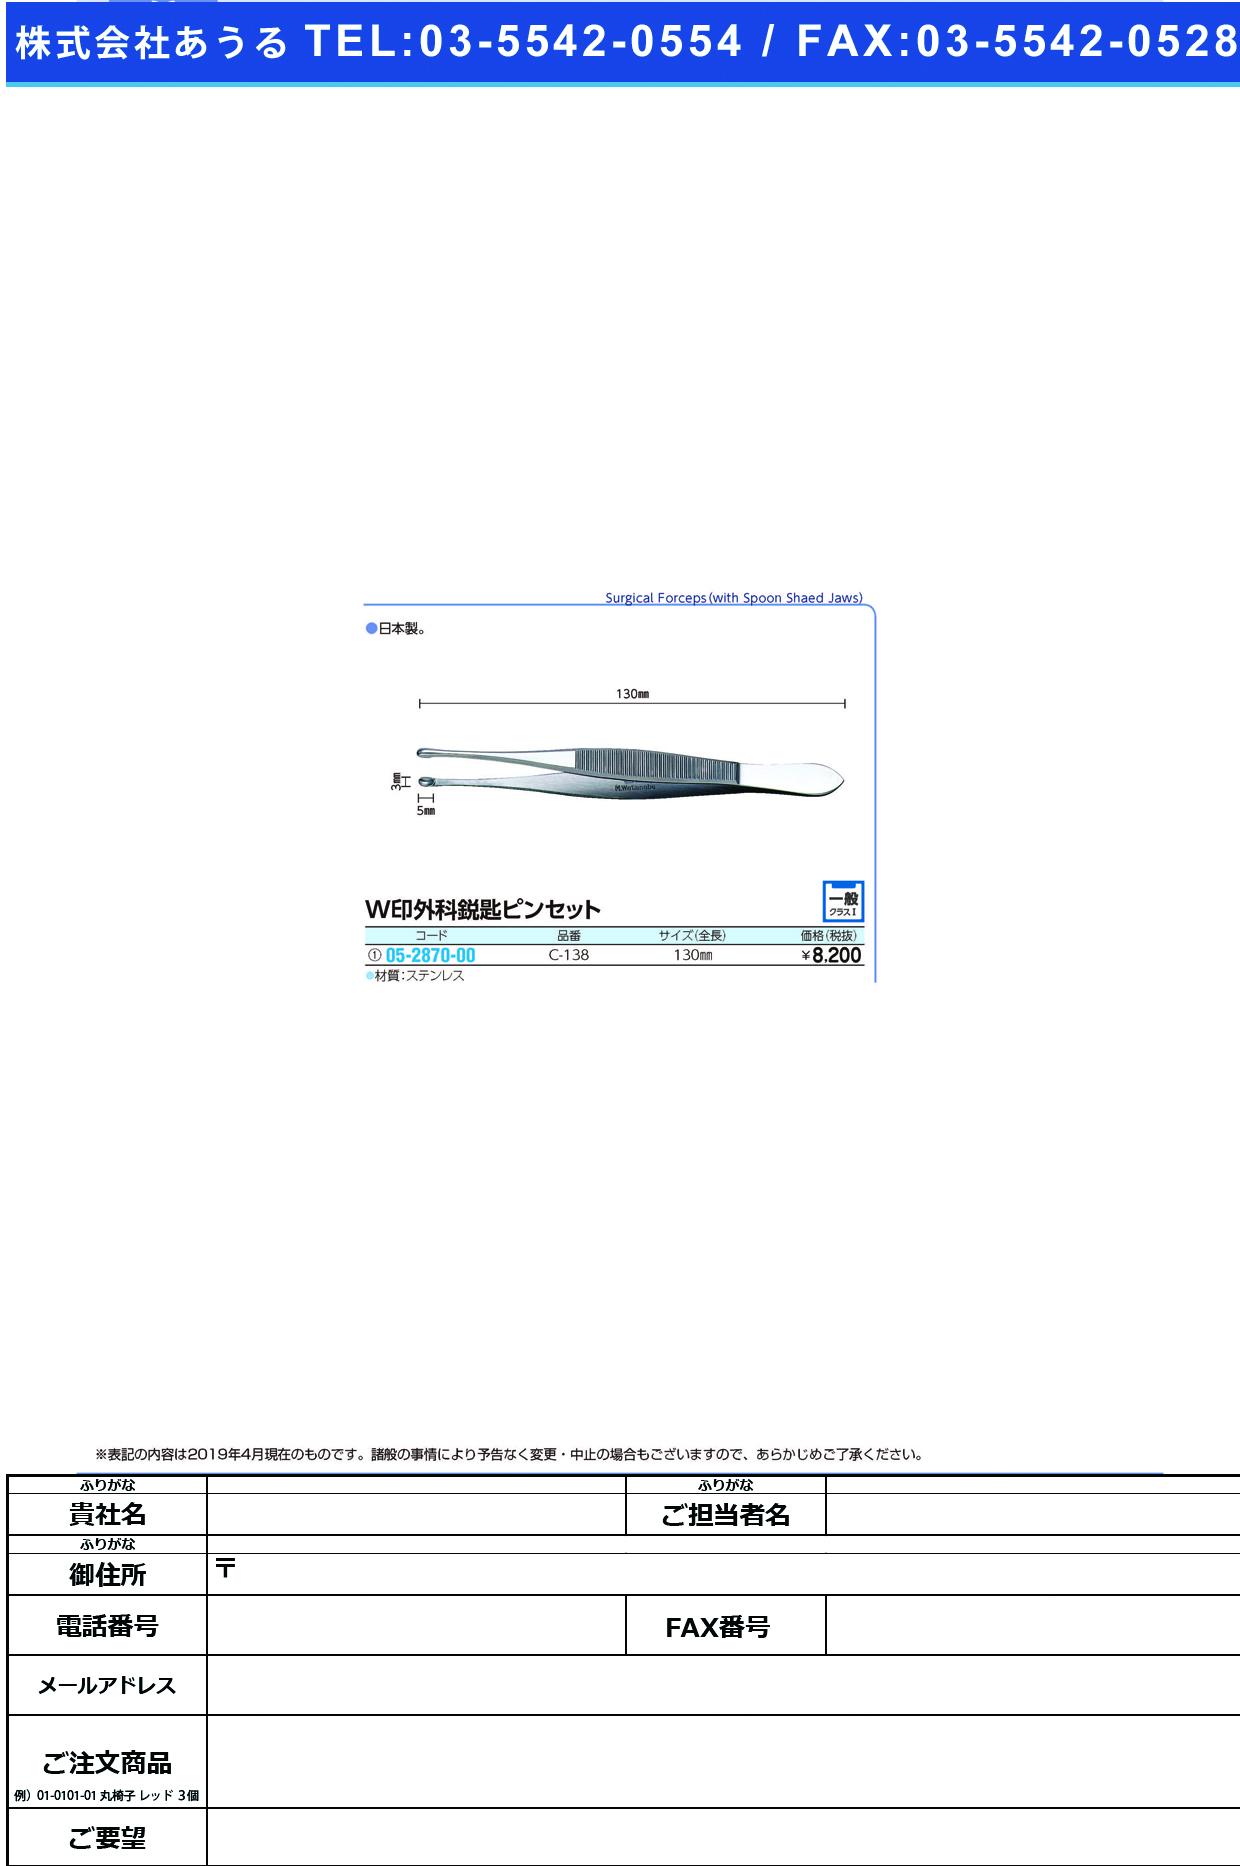 (05-2870-00)W印外科鋭匙ピンセット C-138(ステンレス)130MM Wゲカエイヒピンセット【1本単位】【2019年カタログ商品】